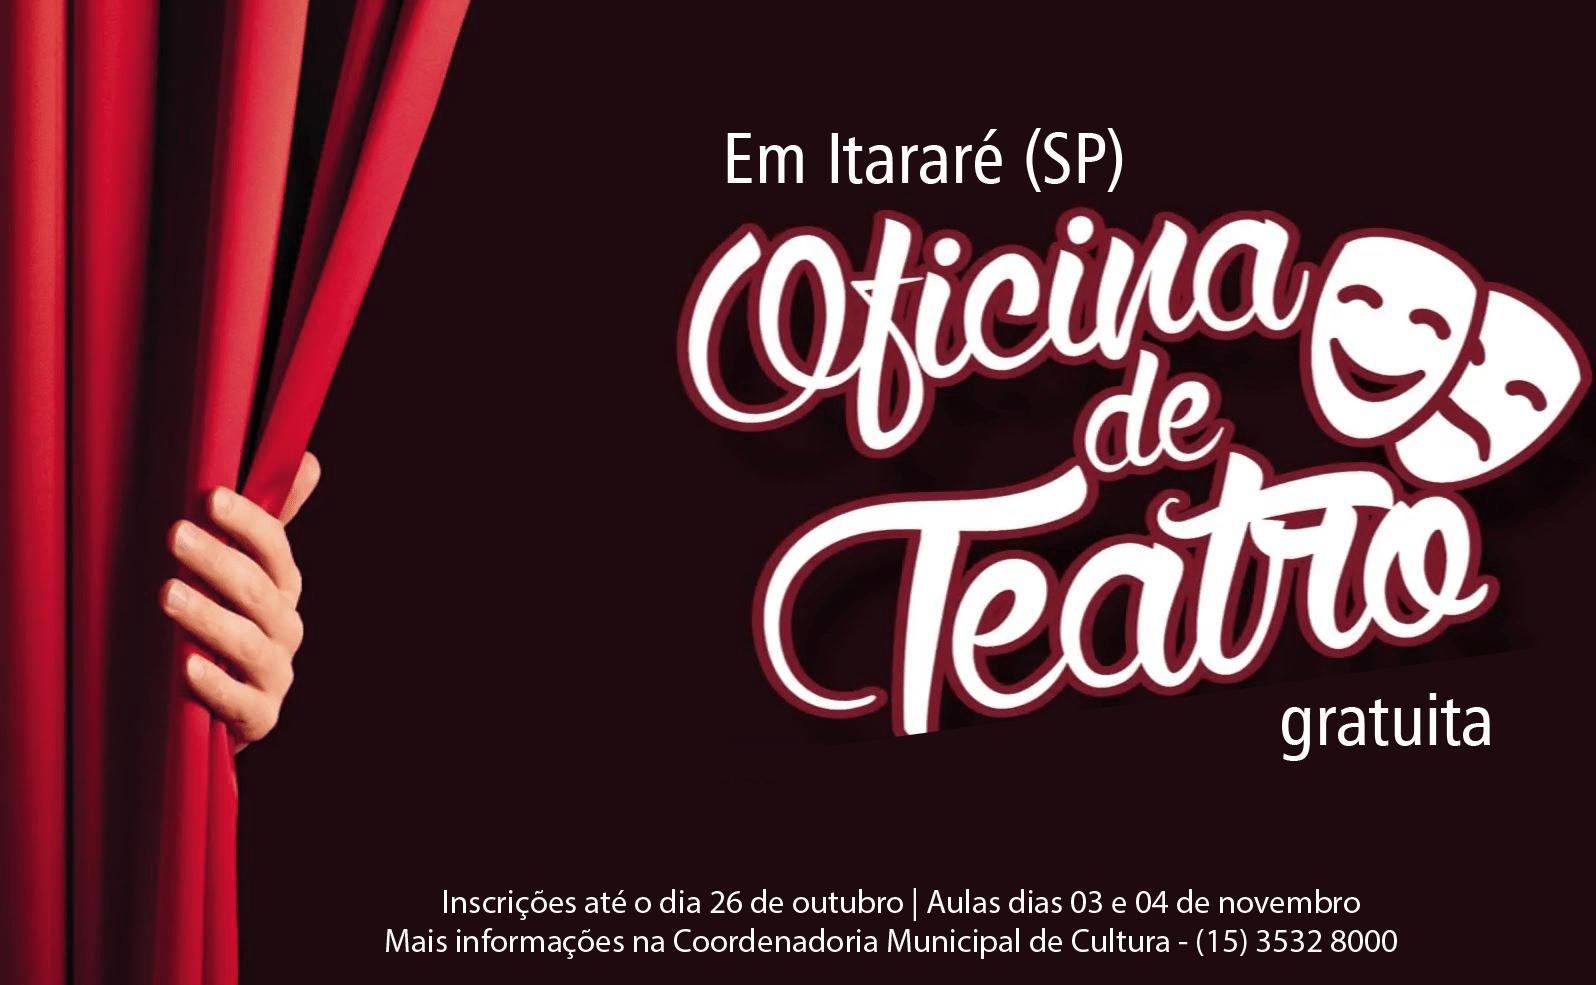 Inscrições para Oficina de Teatro em Itararé (SP) terminam sexta-feira (26)